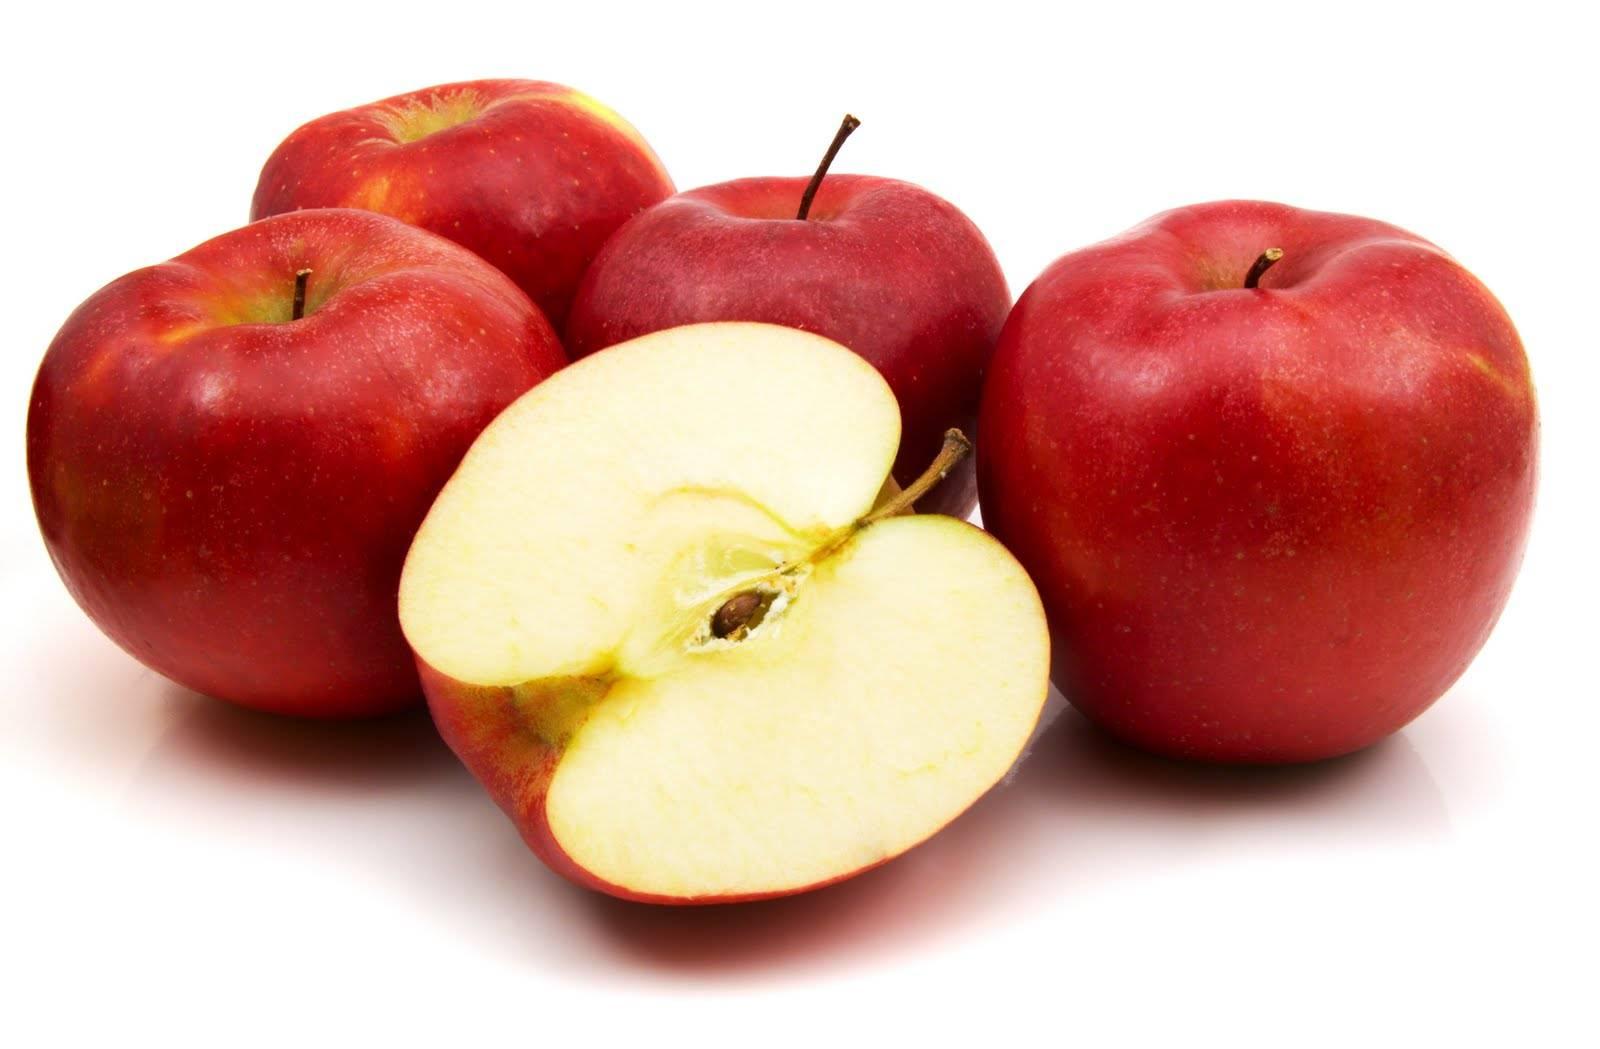 مزایای مصرف میوه سیب